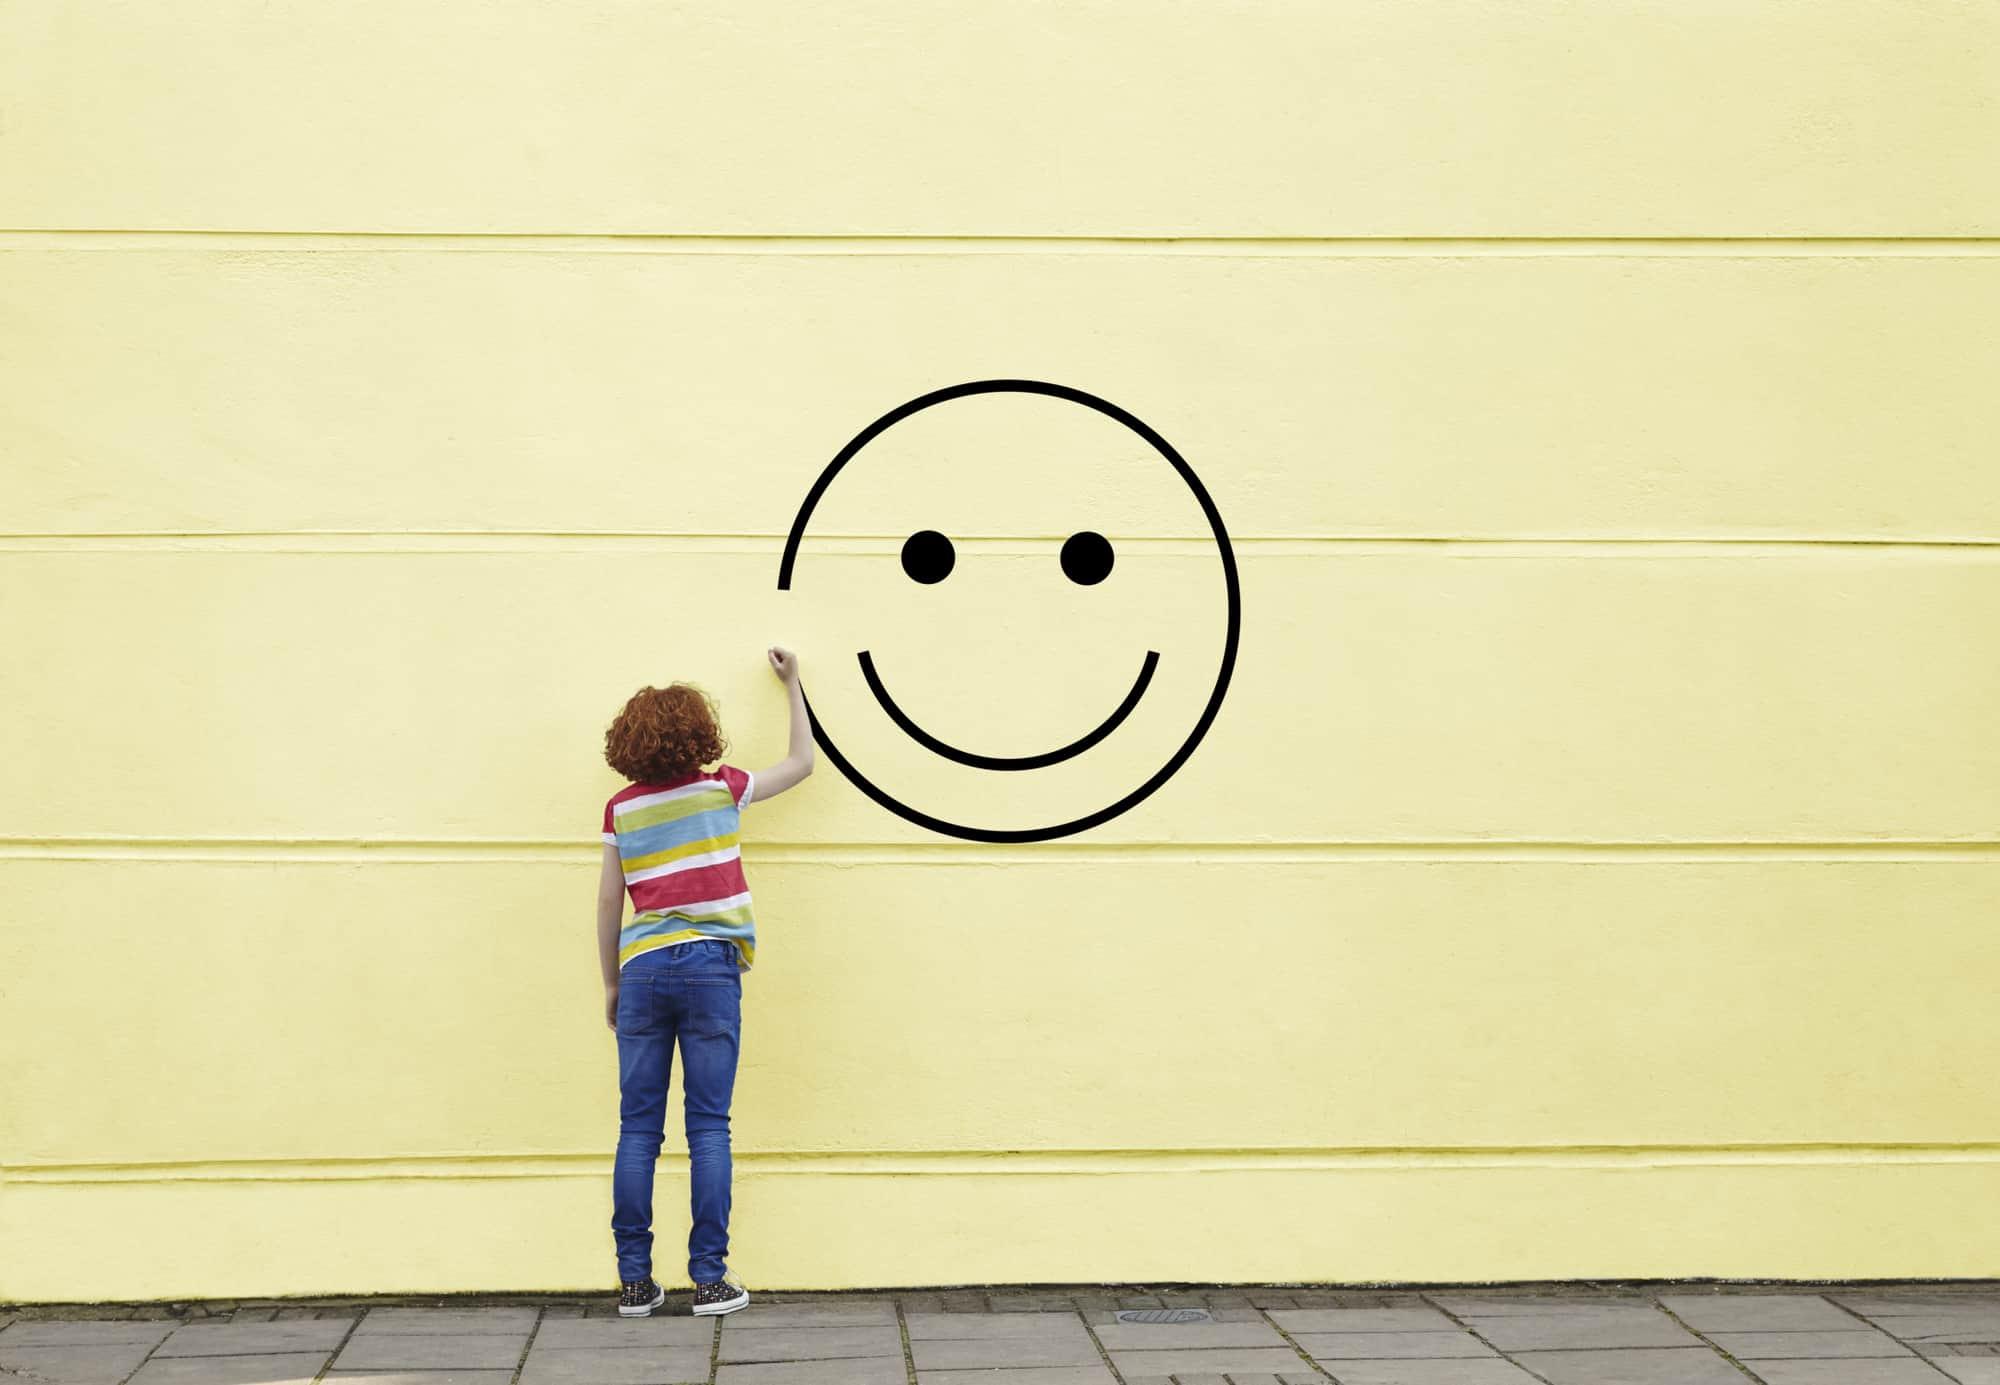 بالصور كلام عن السعادة , عبارات عن مفهوم السعادة 5146 13